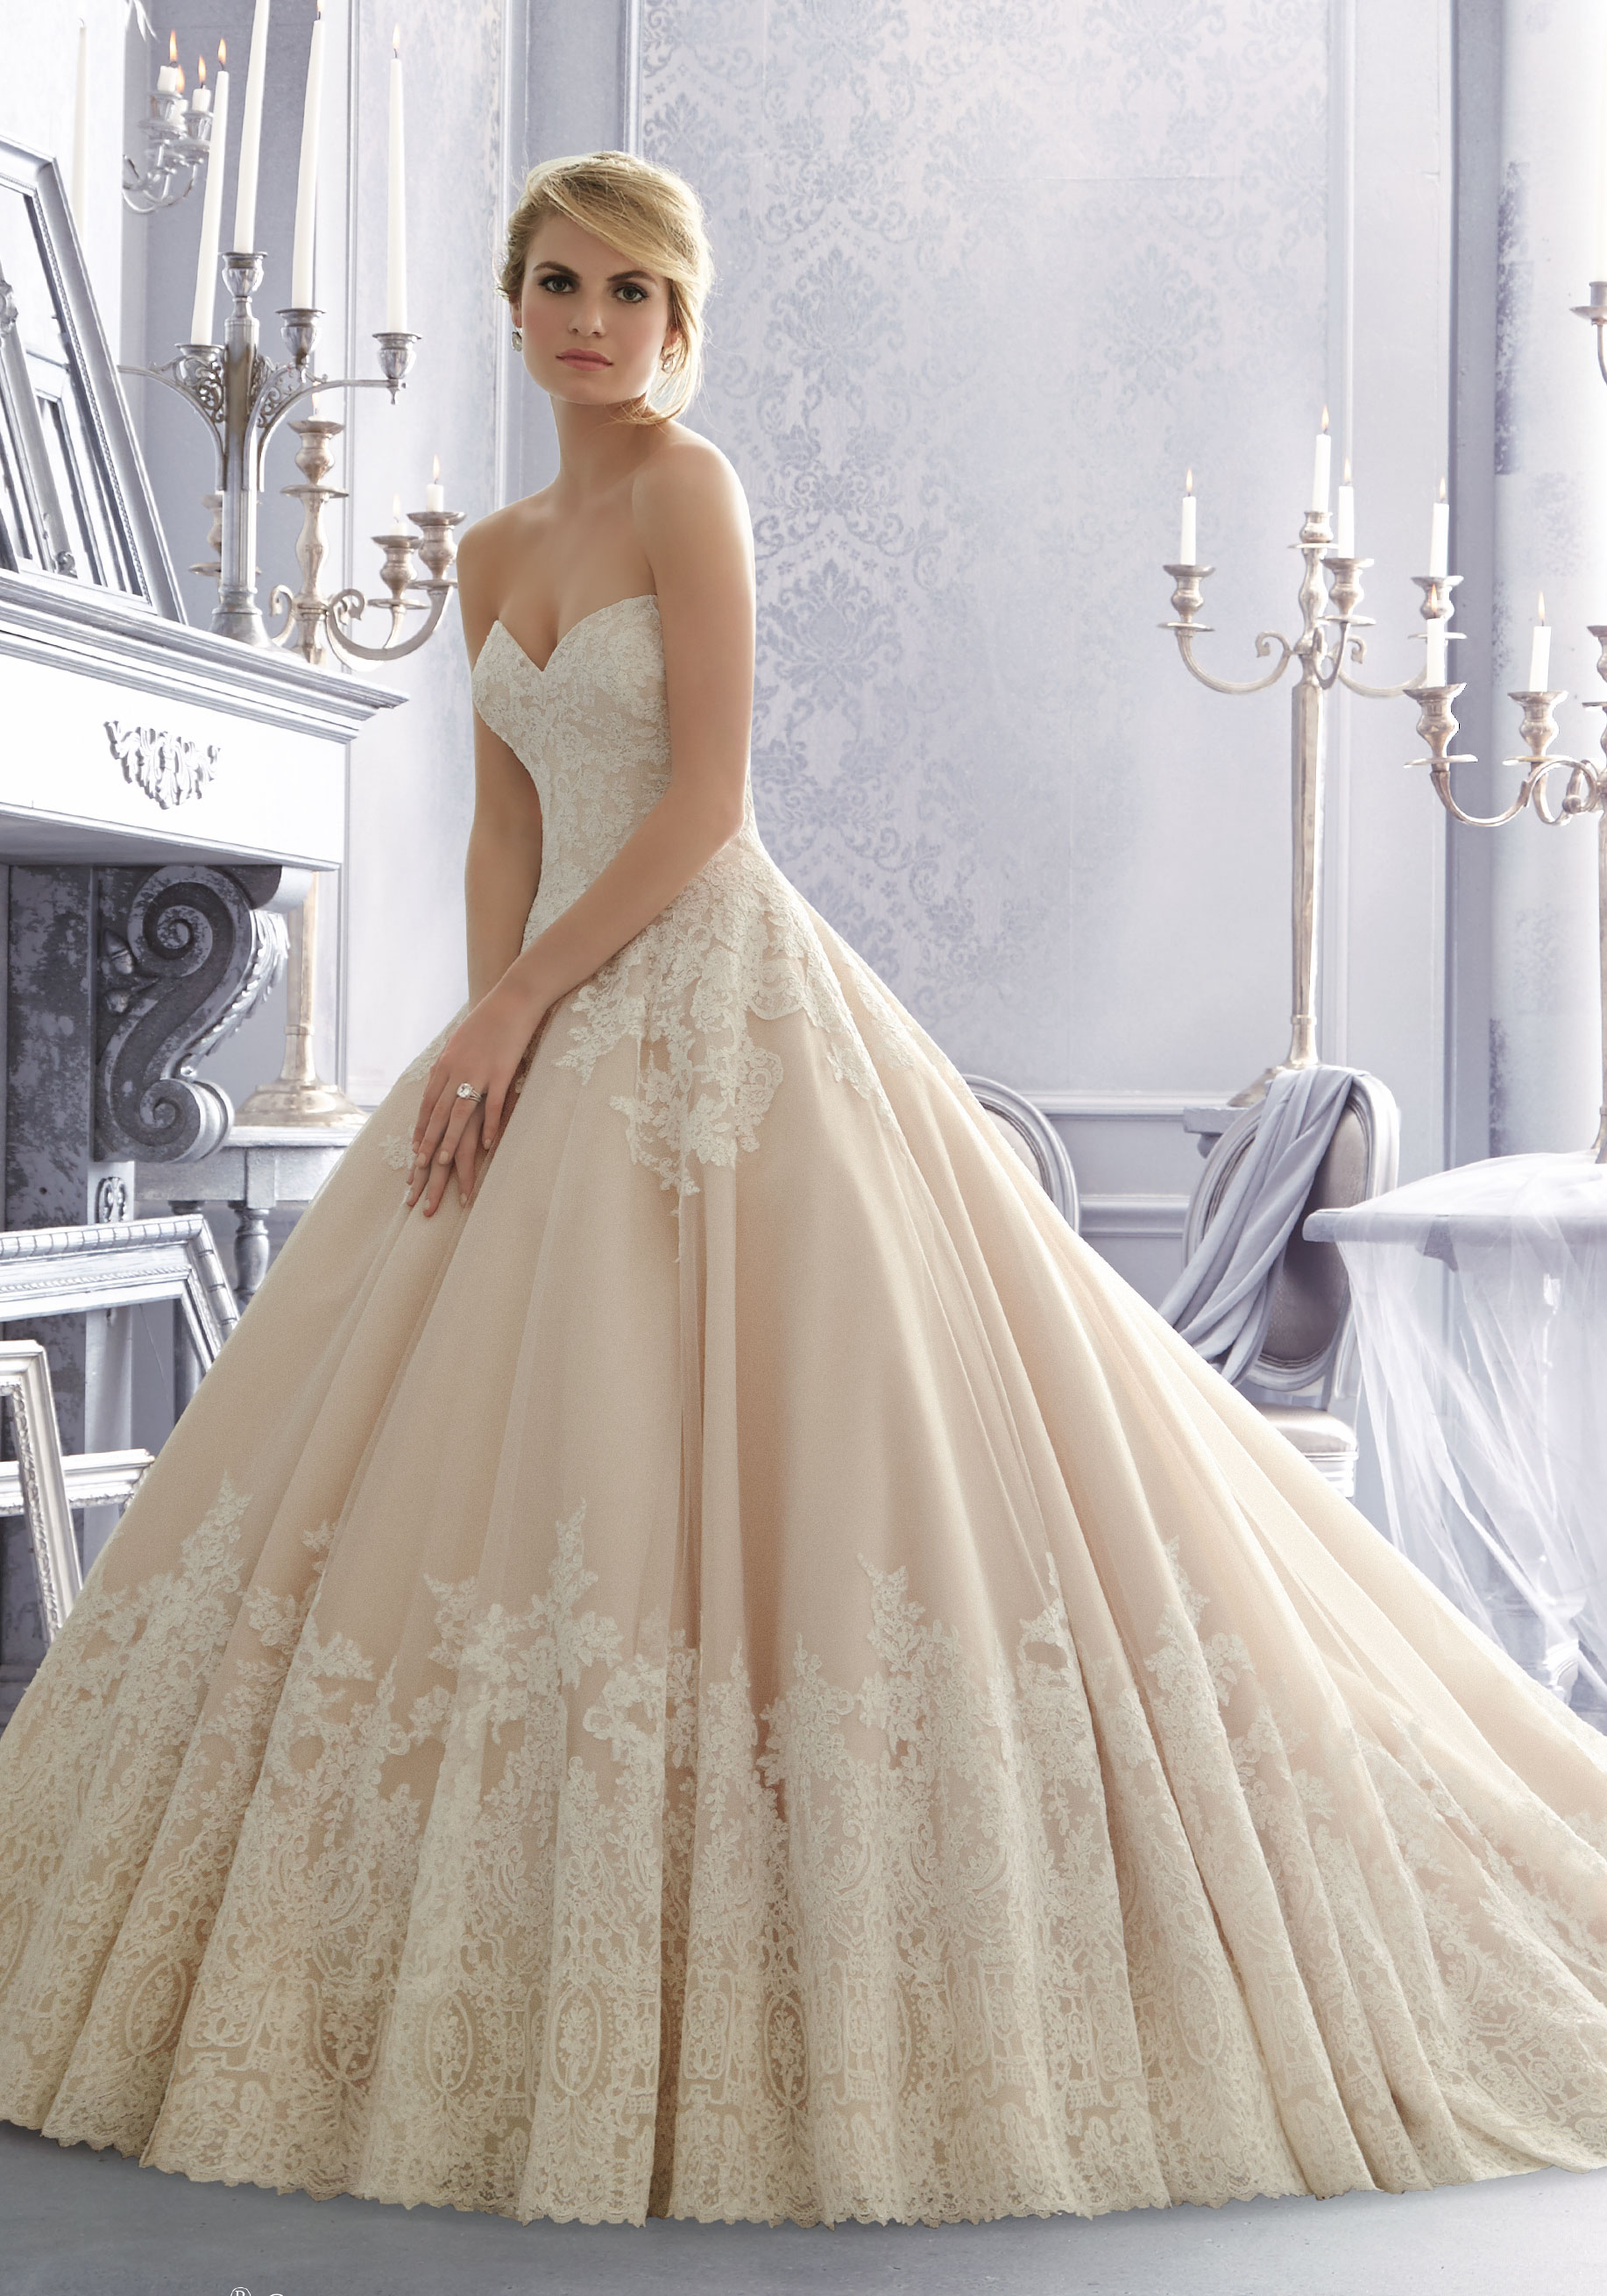 Kort kjole som hovedkjole eller kjole nr 2? Christiane